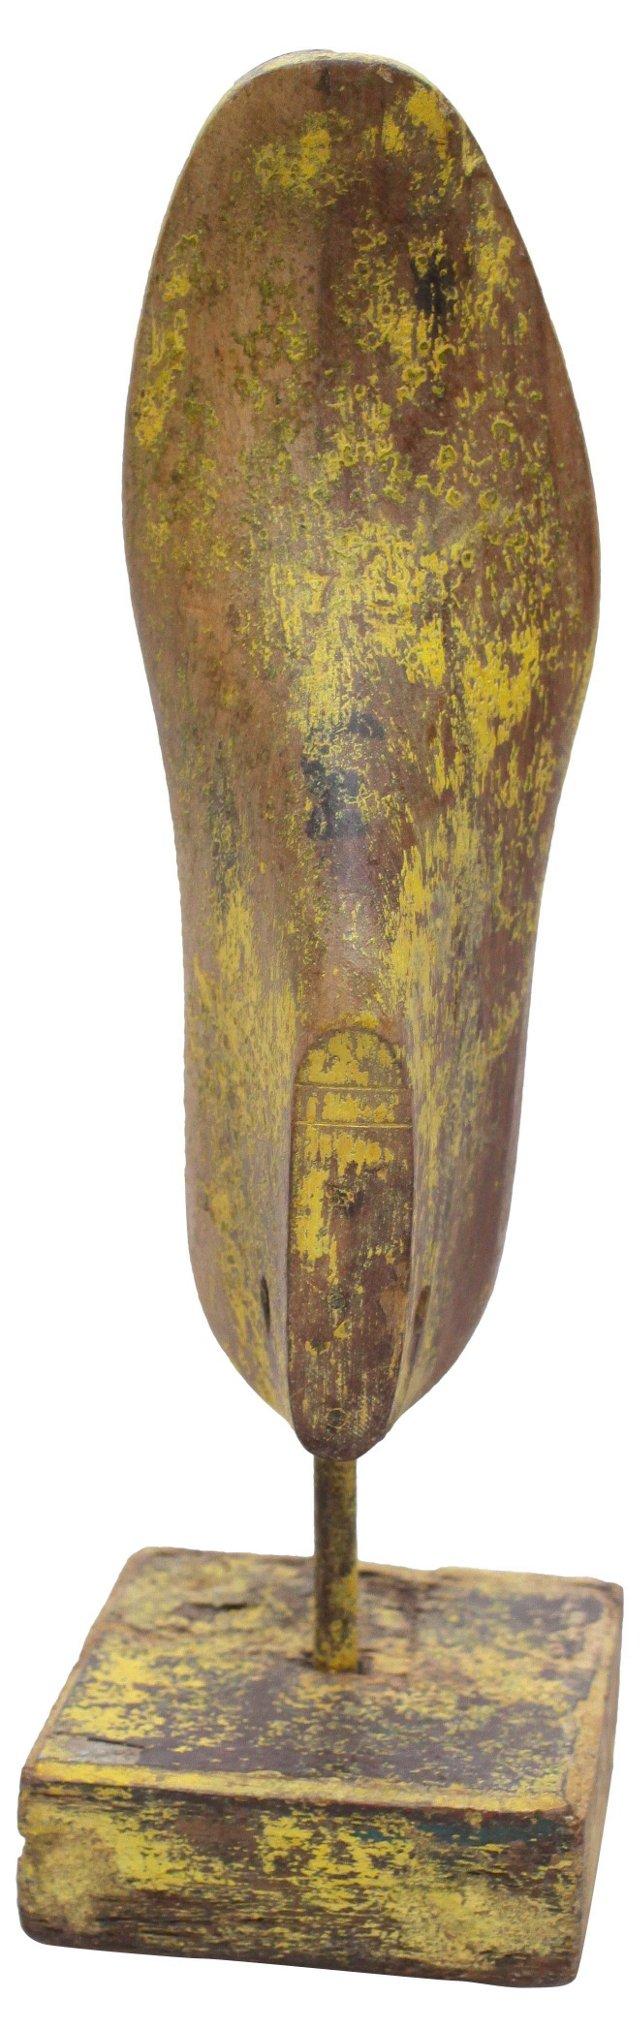 Cobbler's     Shoe Mold